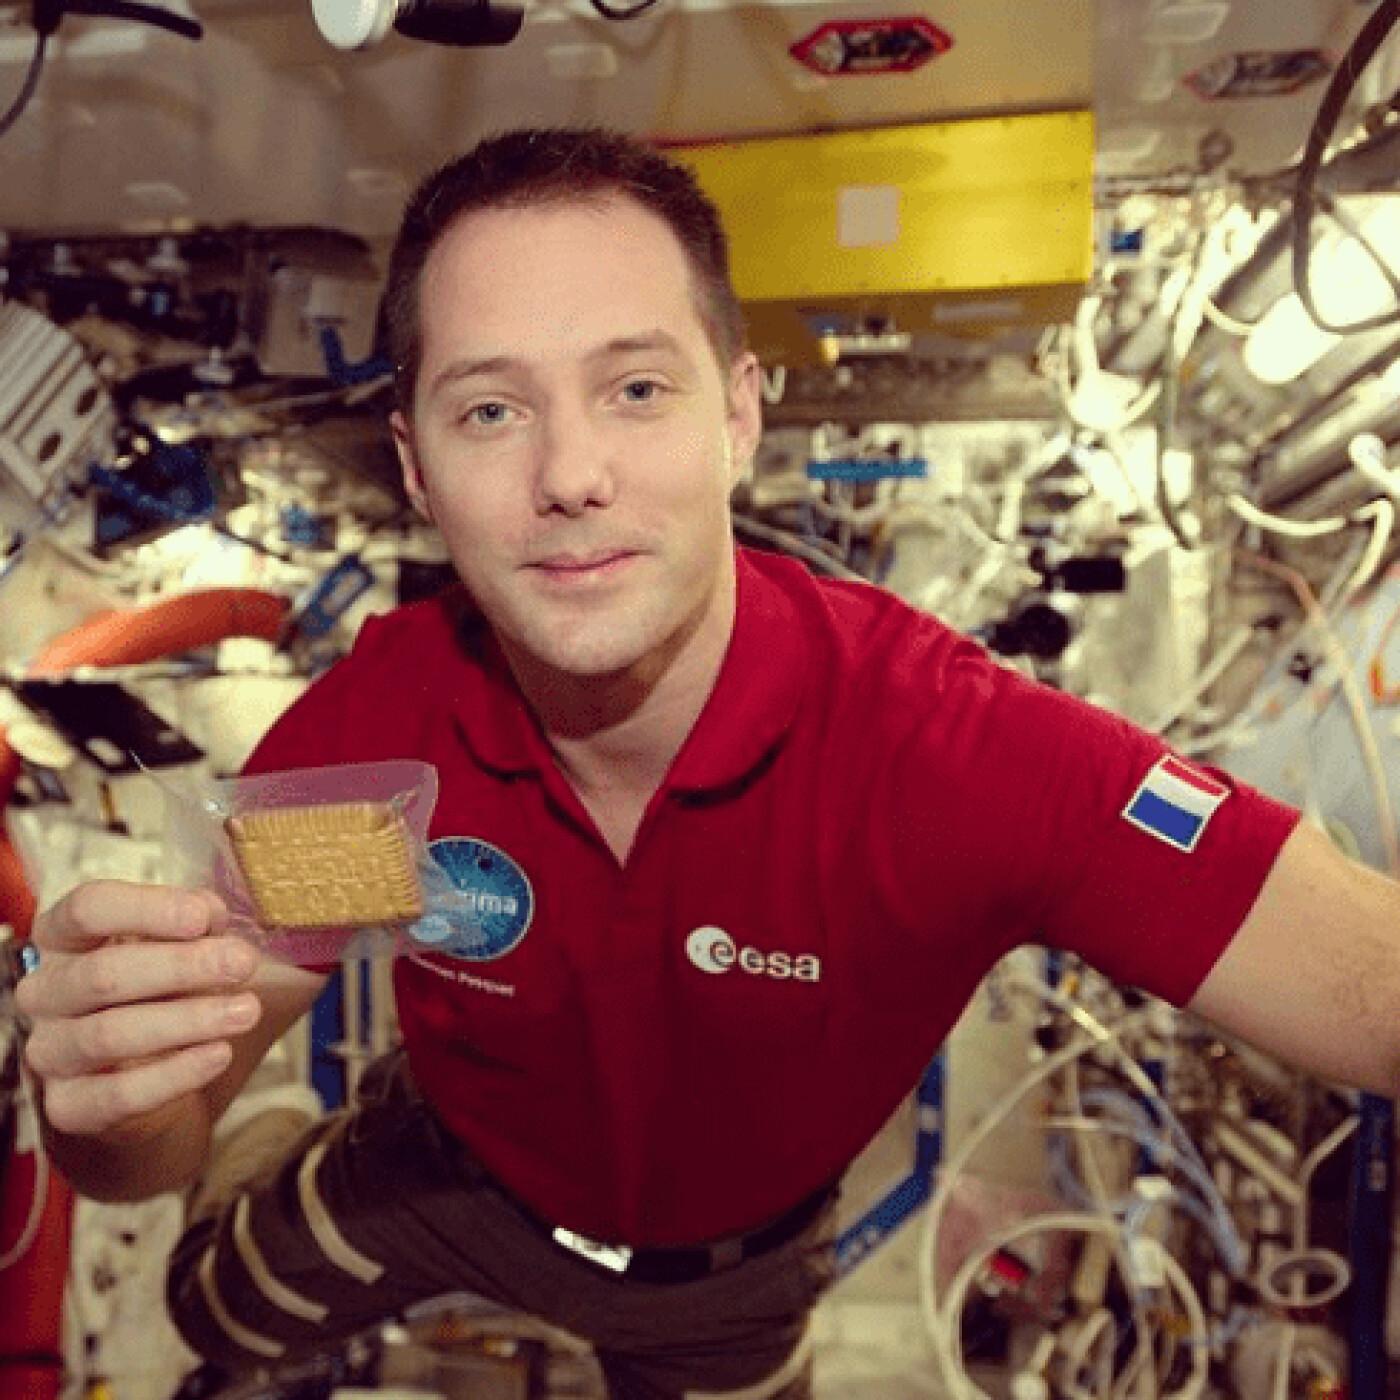 La NASA offre une récompense colossale au chef qui réalisera meilleur repas à emporter dans l'espace